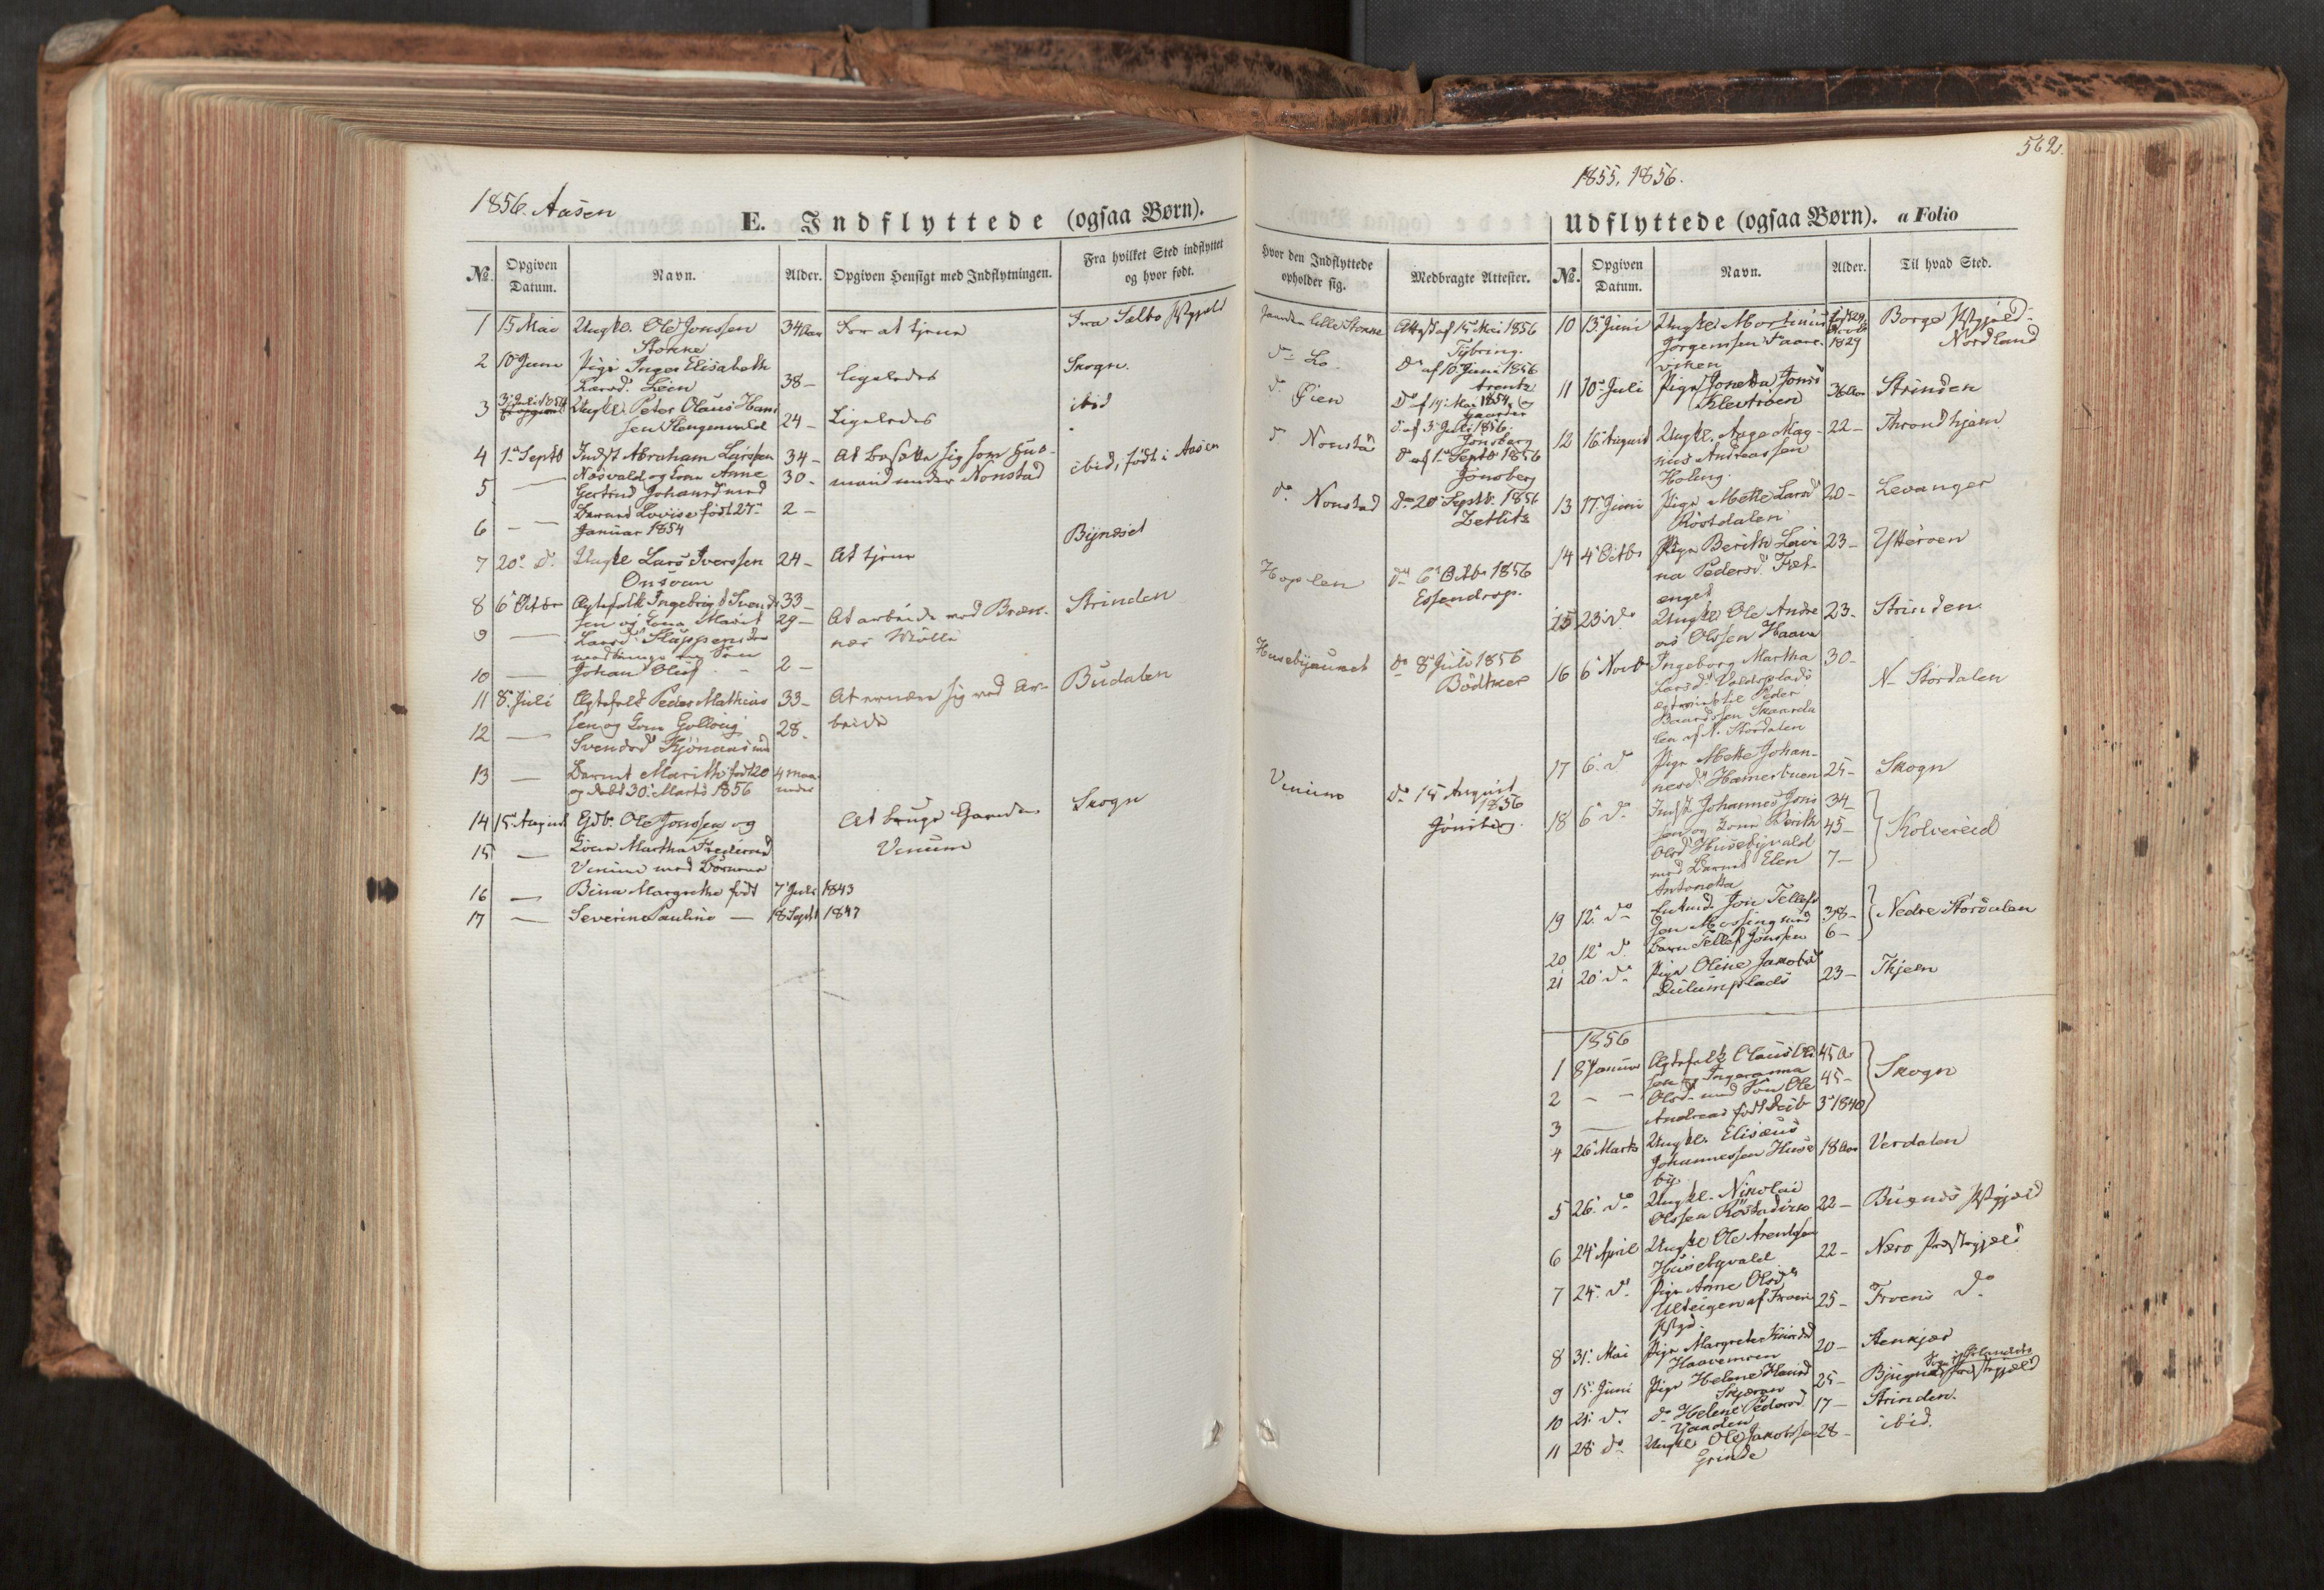 SAT, Ministerialprotokoller, klokkerbøker og fødselsregistre - Nord-Trøndelag, 713/L0116: Ministerialbok nr. 713A07, 1850-1877, s. 562